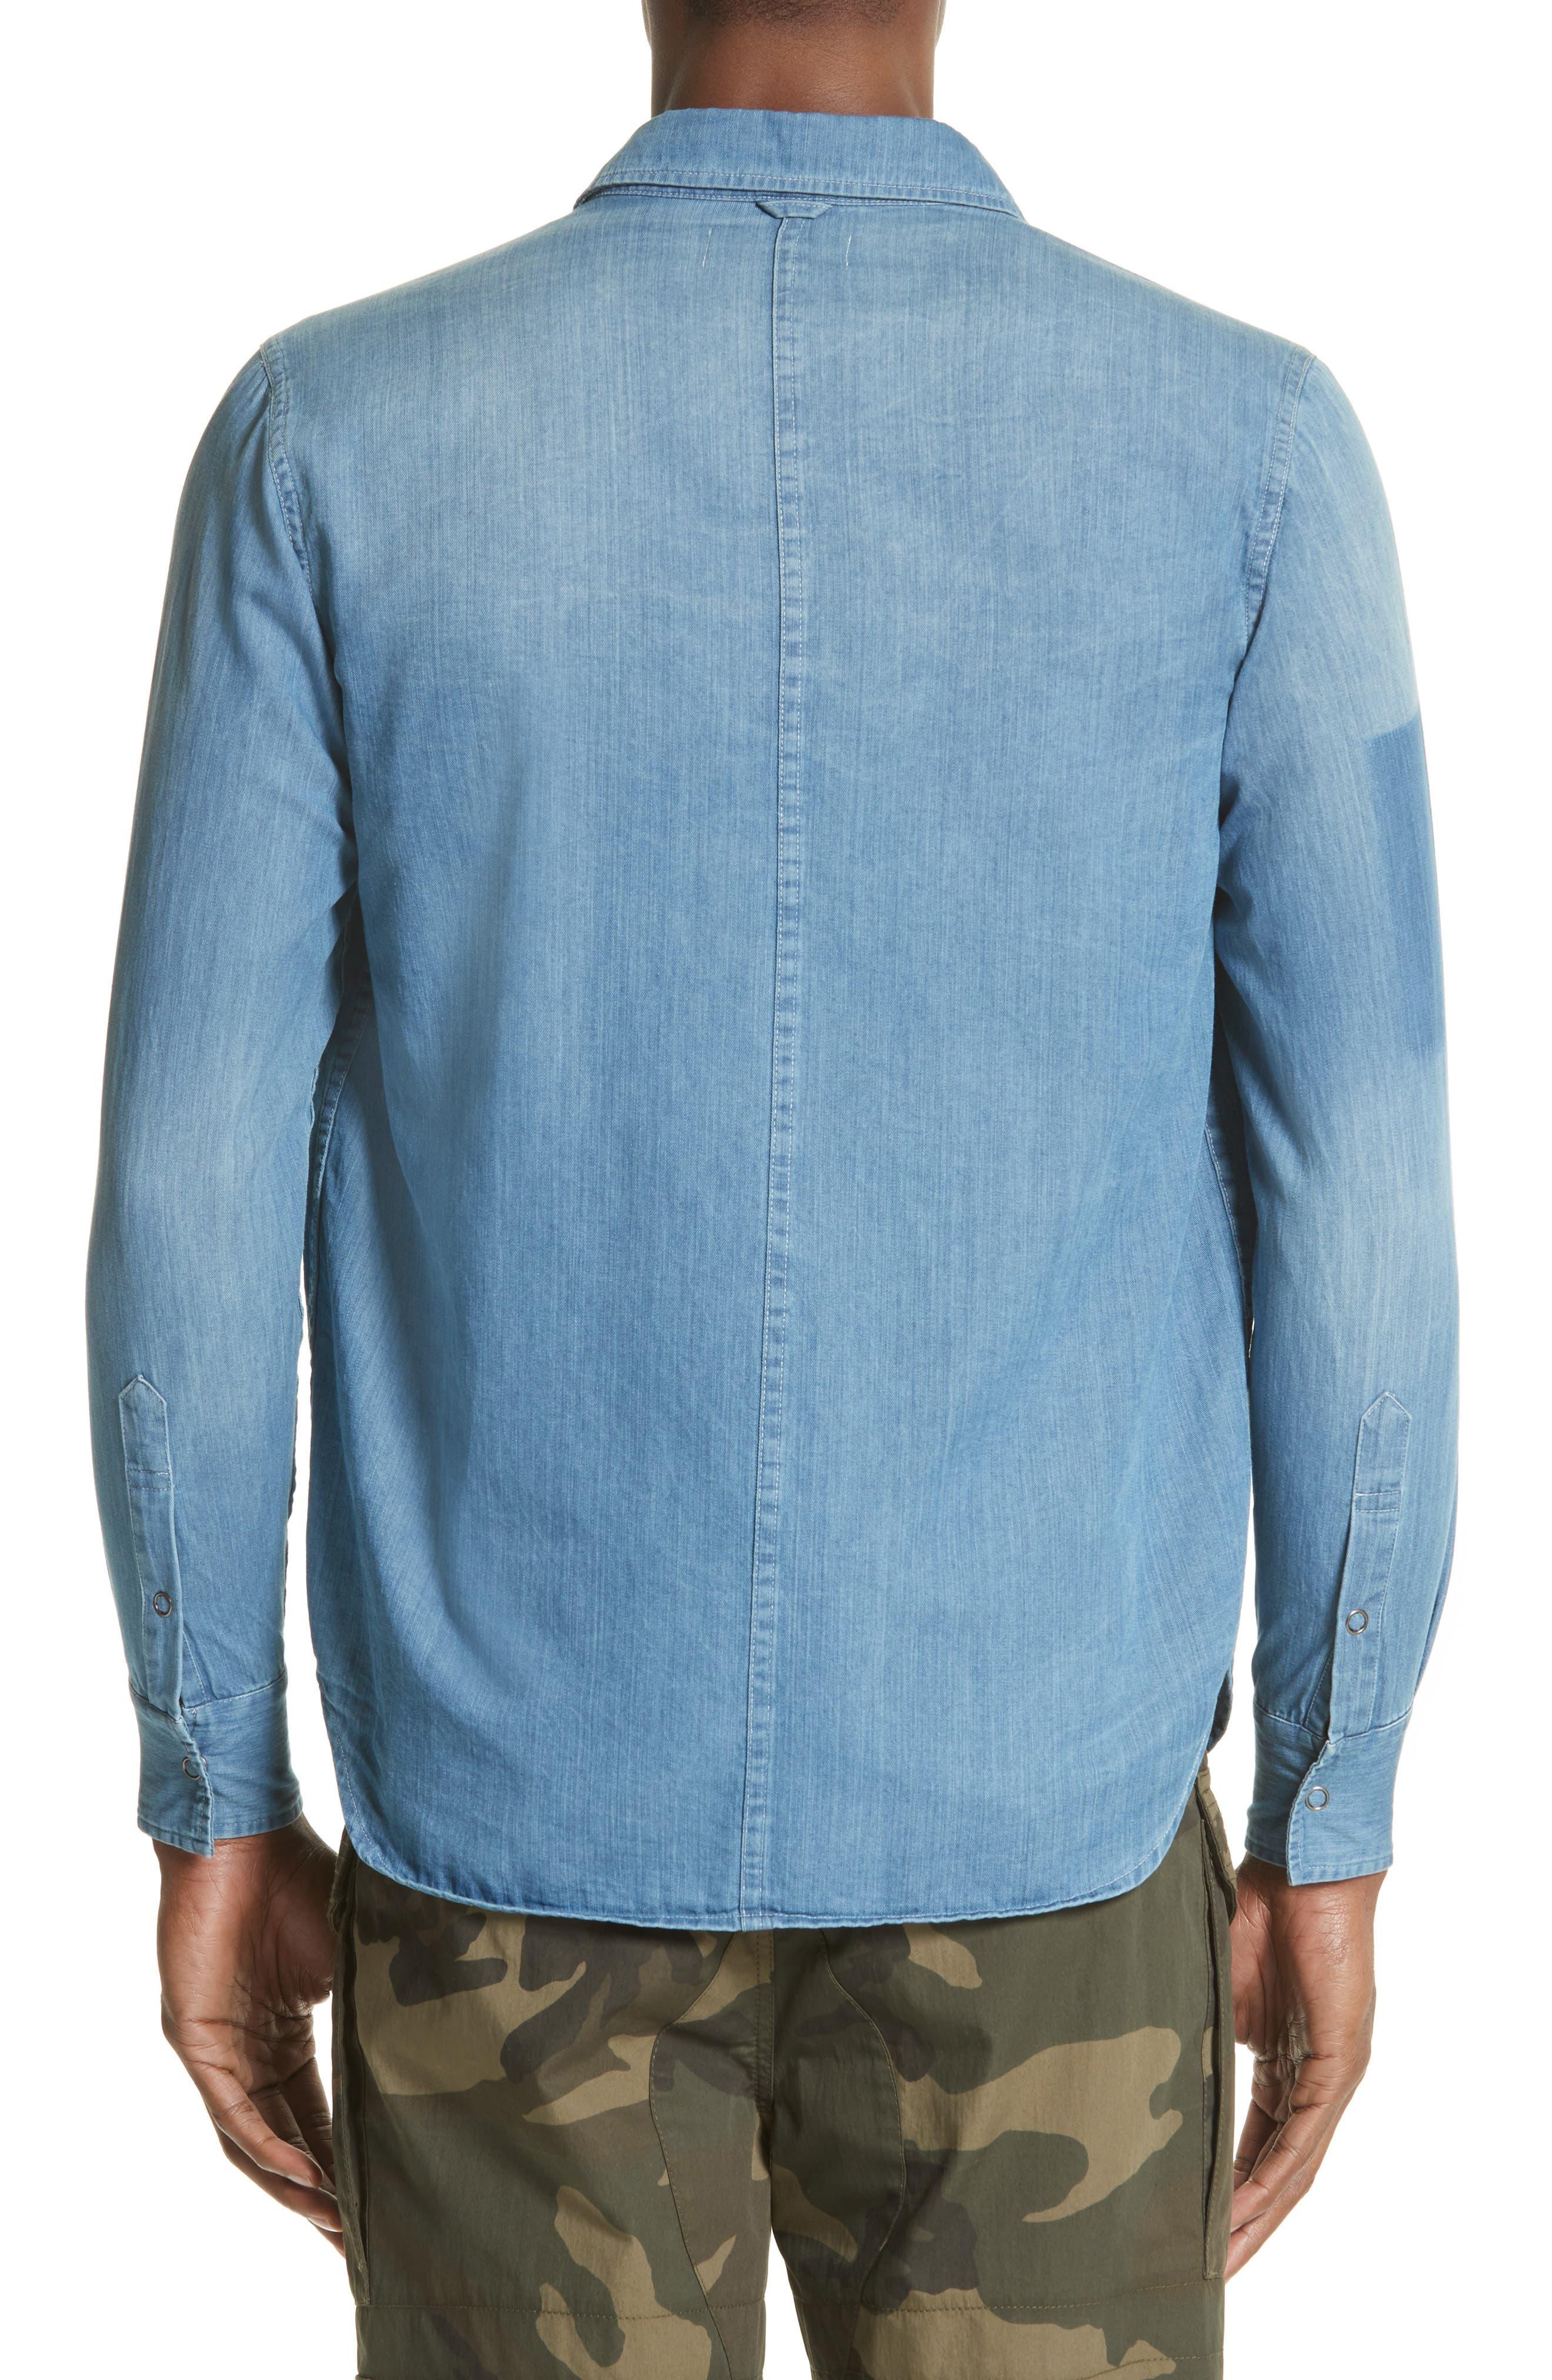 Alternate Image 2  - OVADIA & SONS Eastern Denim Sport Shirt